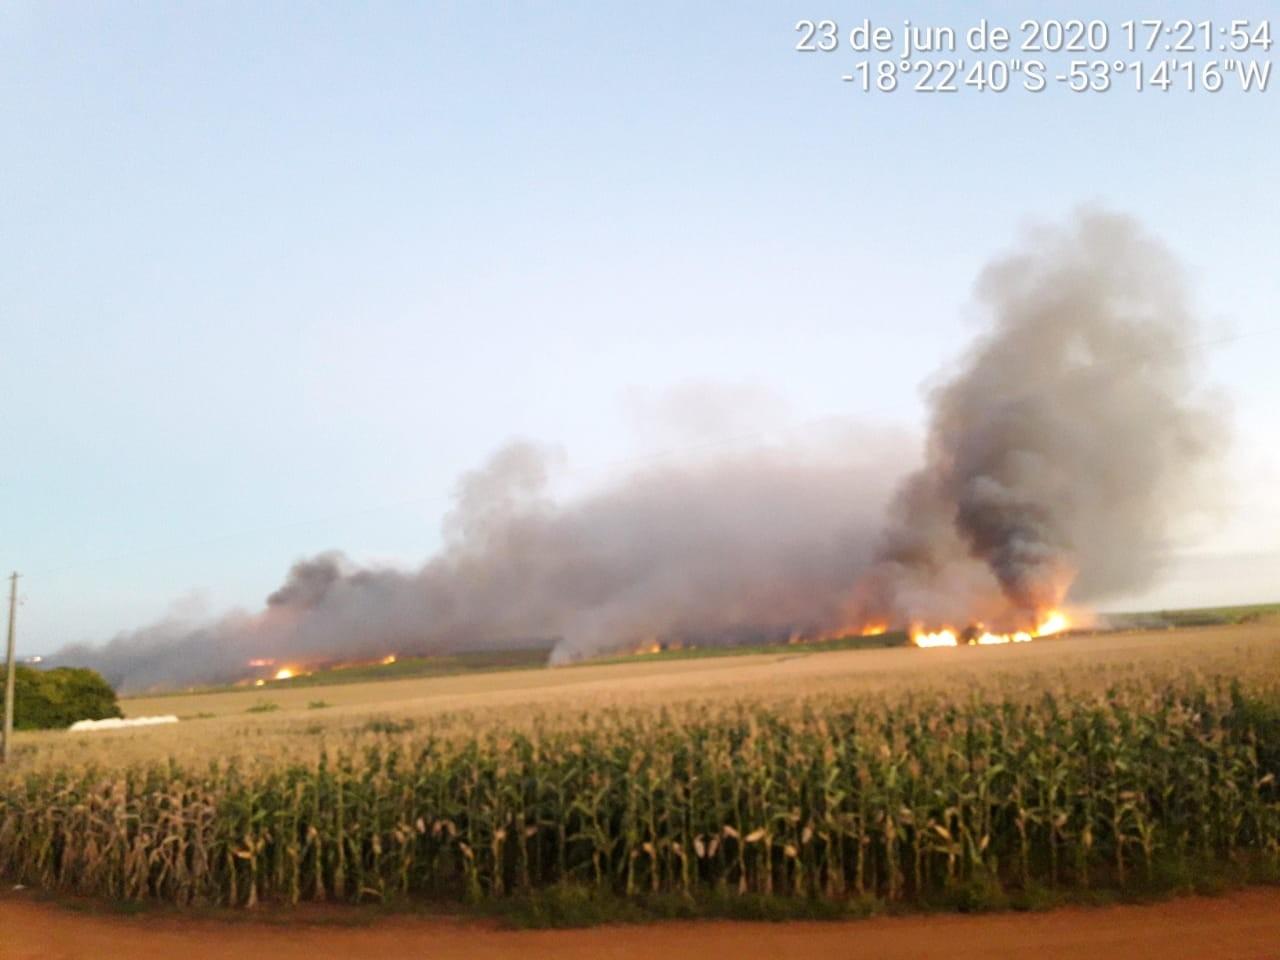 Usina é multada em quase R$ 300 mil após incêndio que danificou 294 hectares de canavial em MS